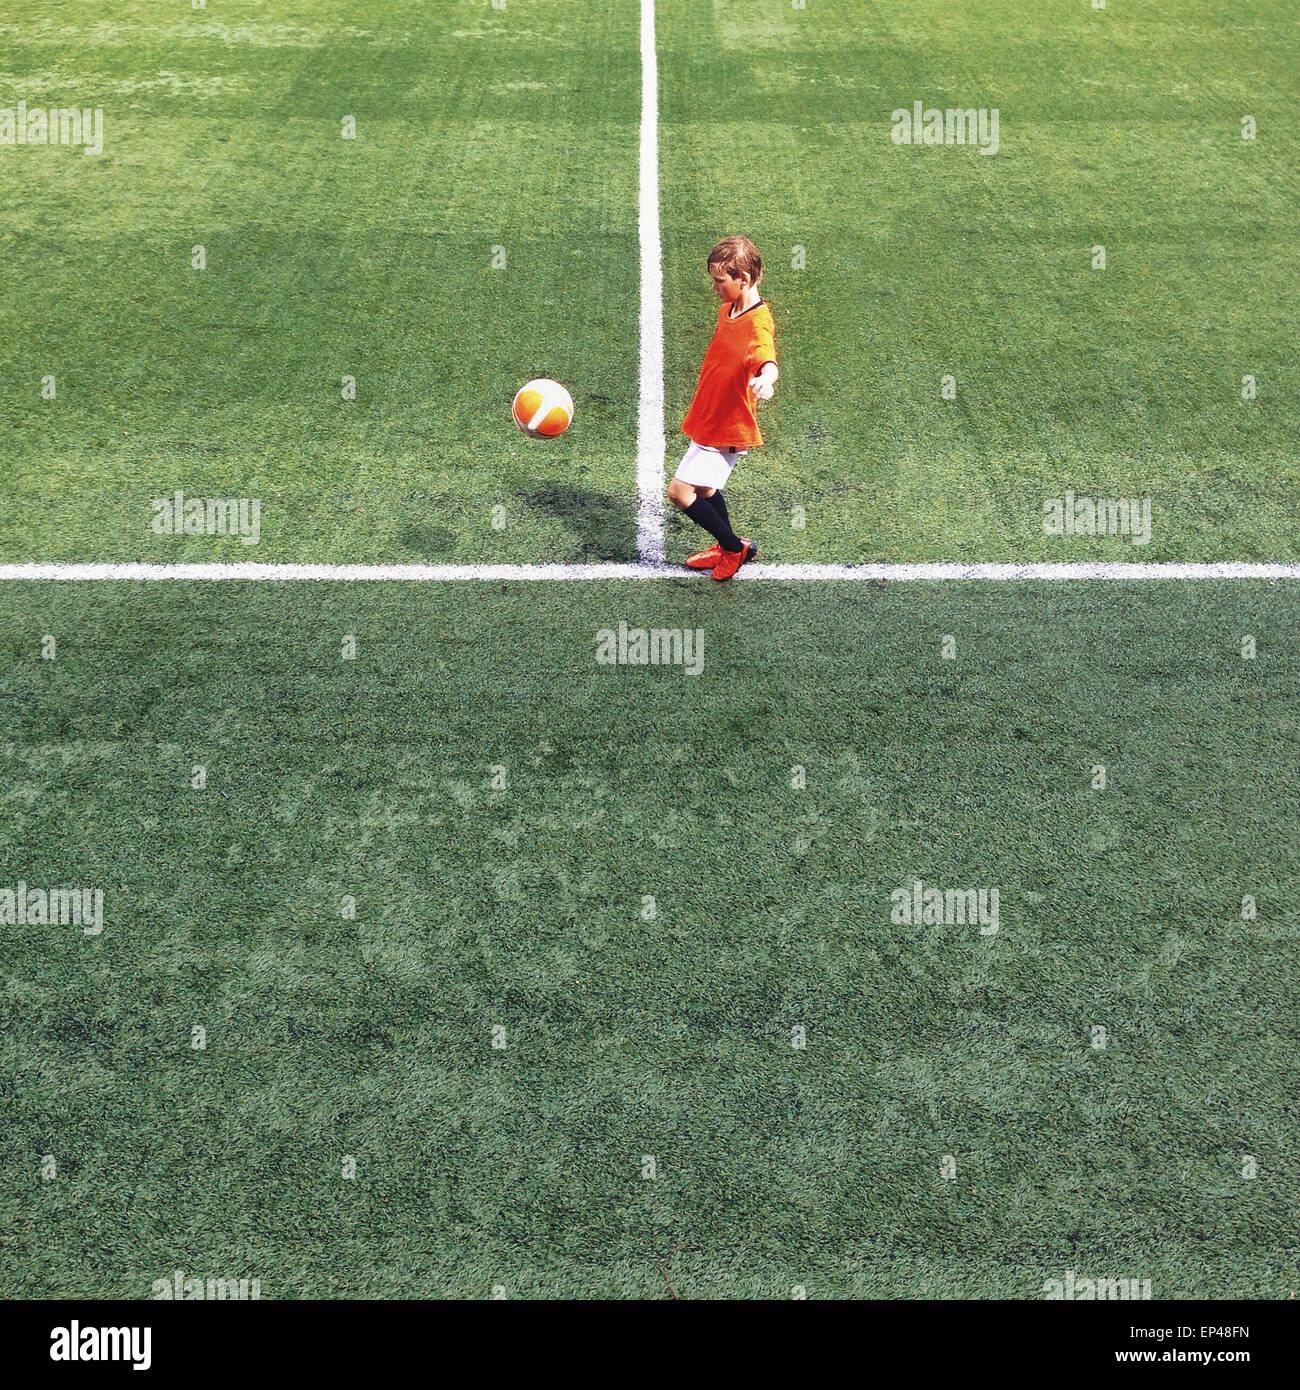 Seitenansicht eines jungen auf dem Fußballplatz Stockbild